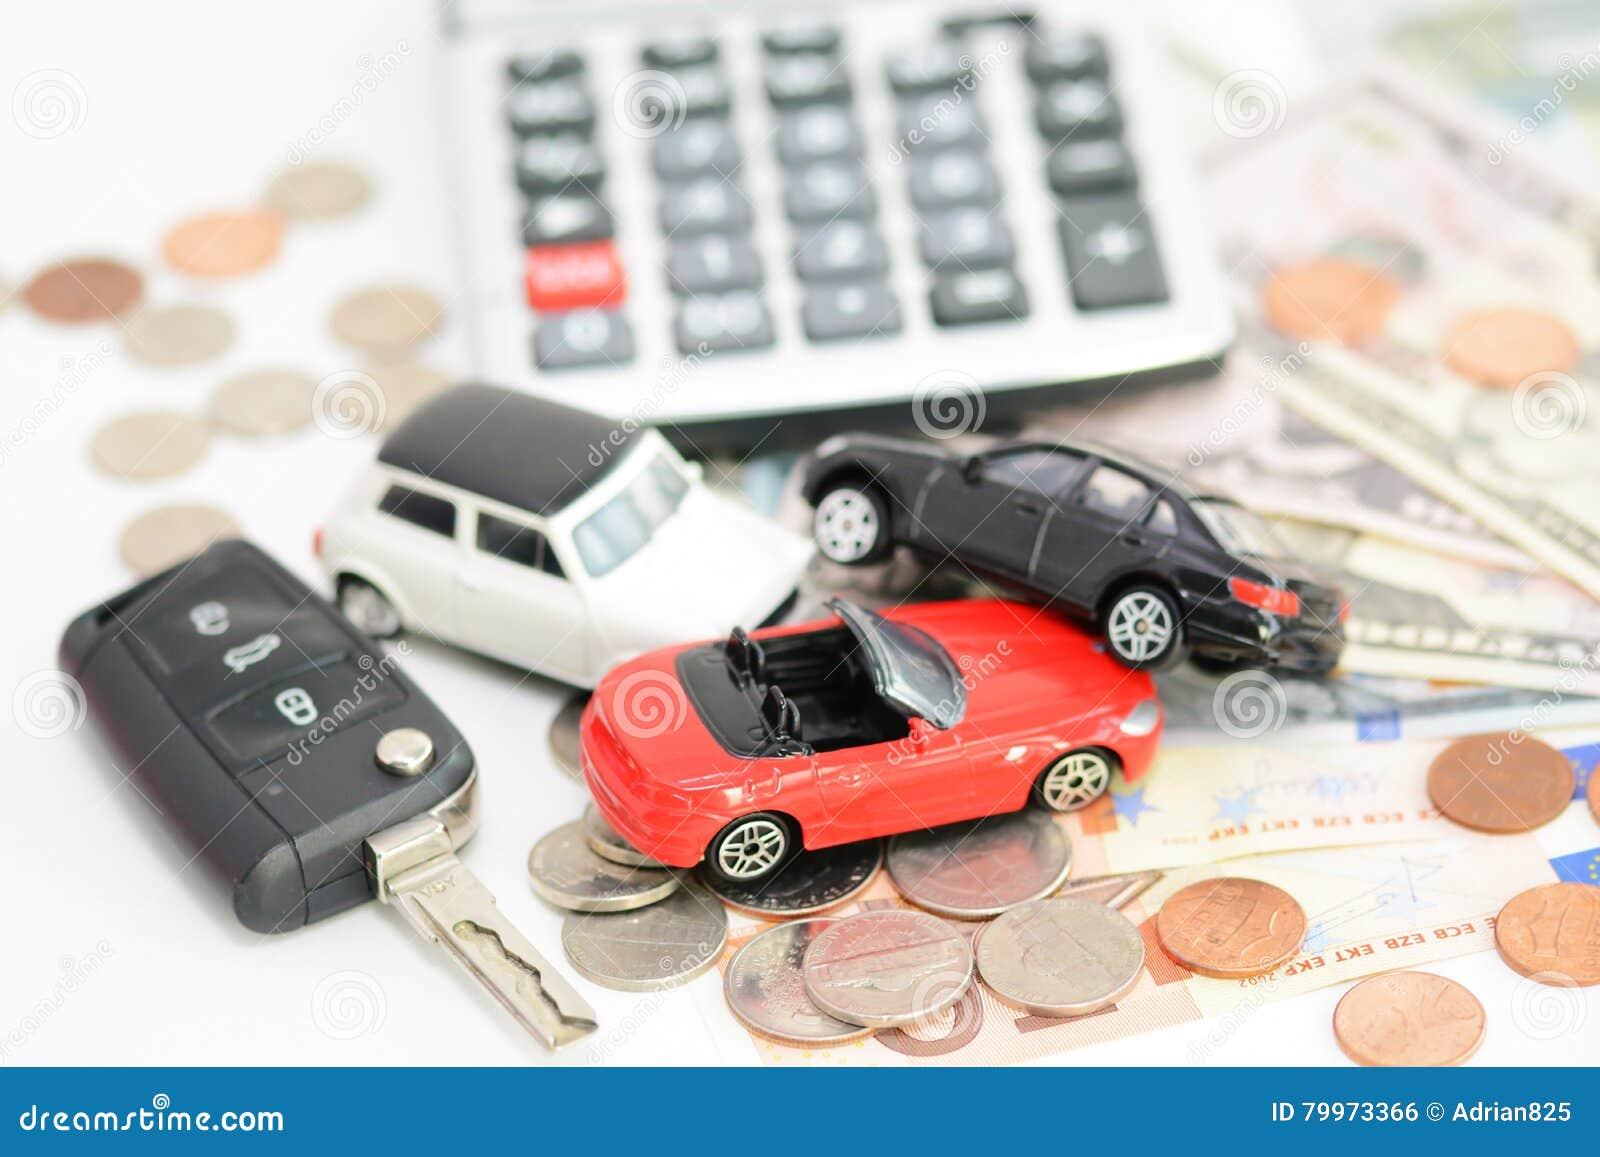 Voitures Avec De Des Auto JouetLa D'assurance Clé Concept uJcT1lF3K